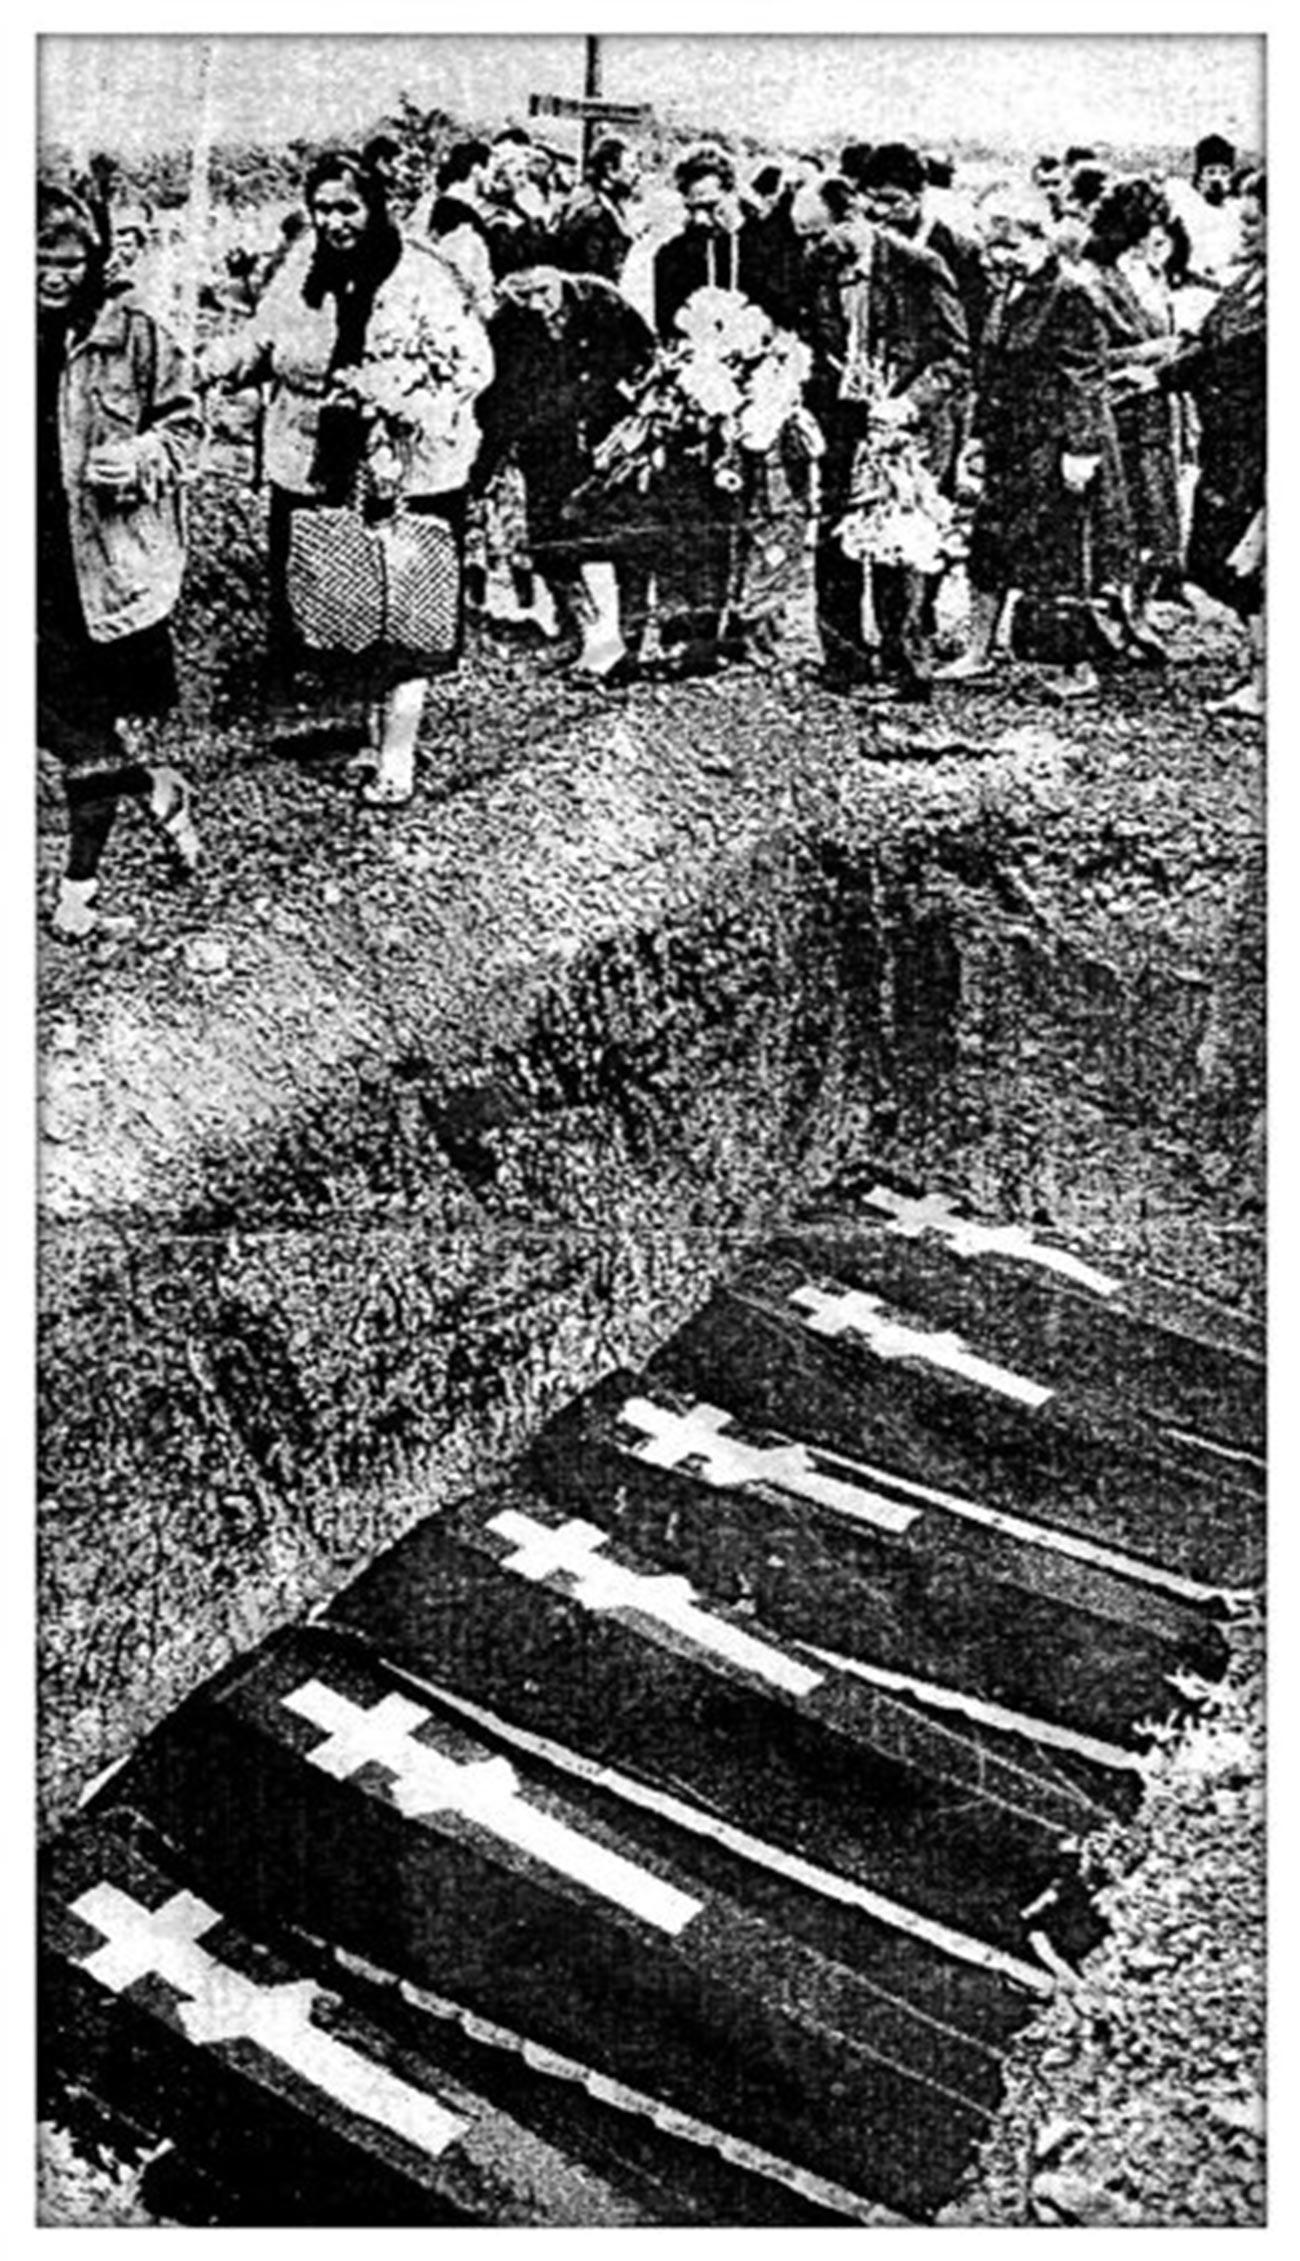 Die symbolische Bestattung der Opfer des Massakers von 1962 auf einem Friedhof in Nowotscherkassk, 1994